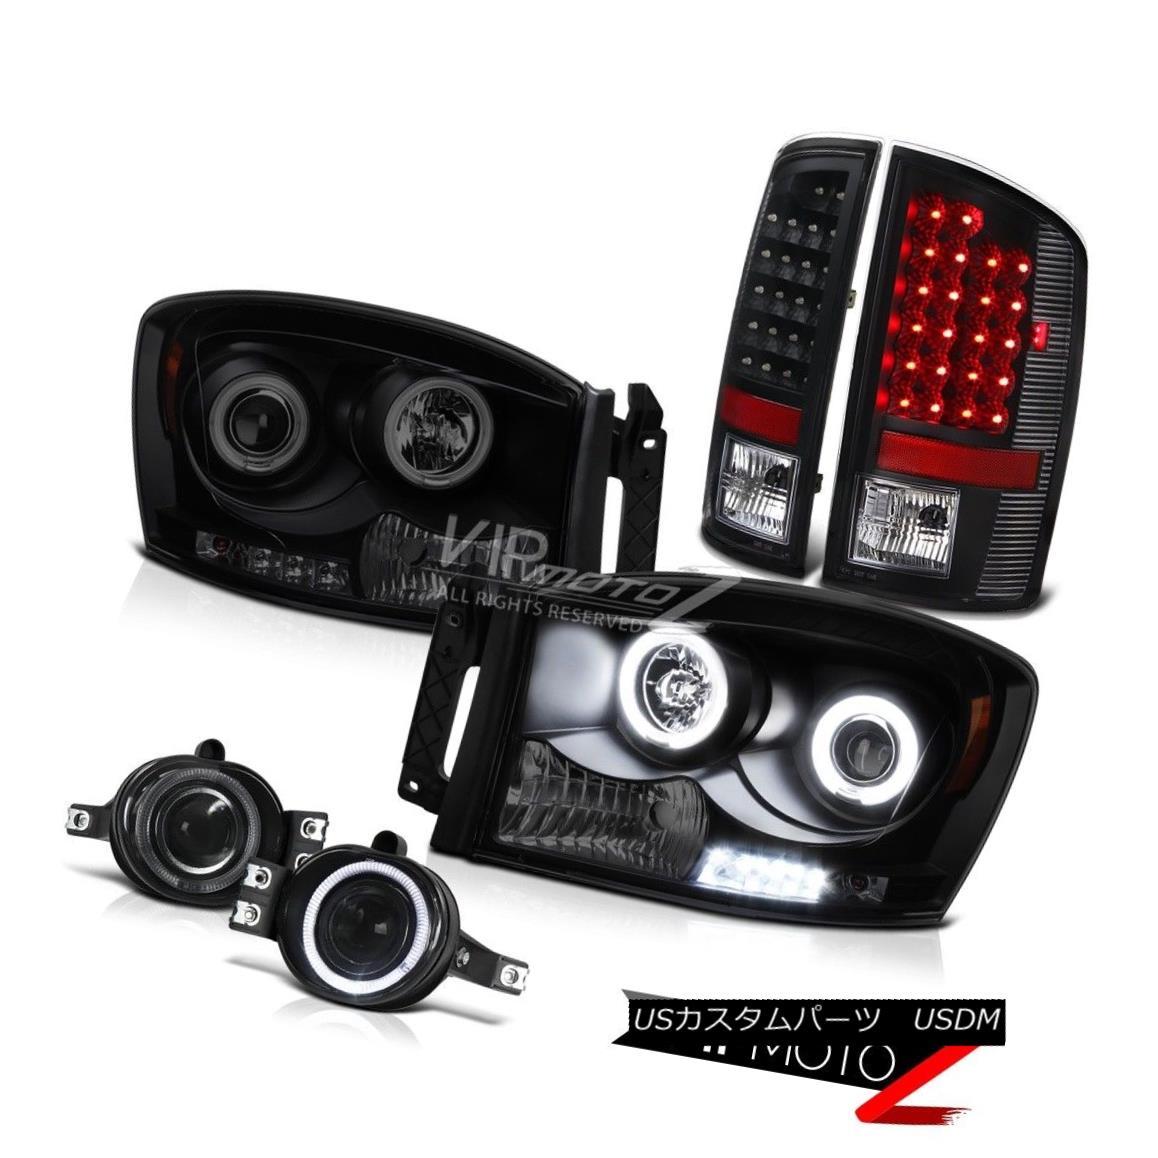 ヘッドライト 2006 Dodge Ram 5.9L Halo Rim CCFL Angel Eye Headlight Headlamp LED DRL Foglights 2006 Dodge Ram 5.9L Halo Rim CCFLエンジェルアイヘッドライトヘッドランプLED DRL Foglights